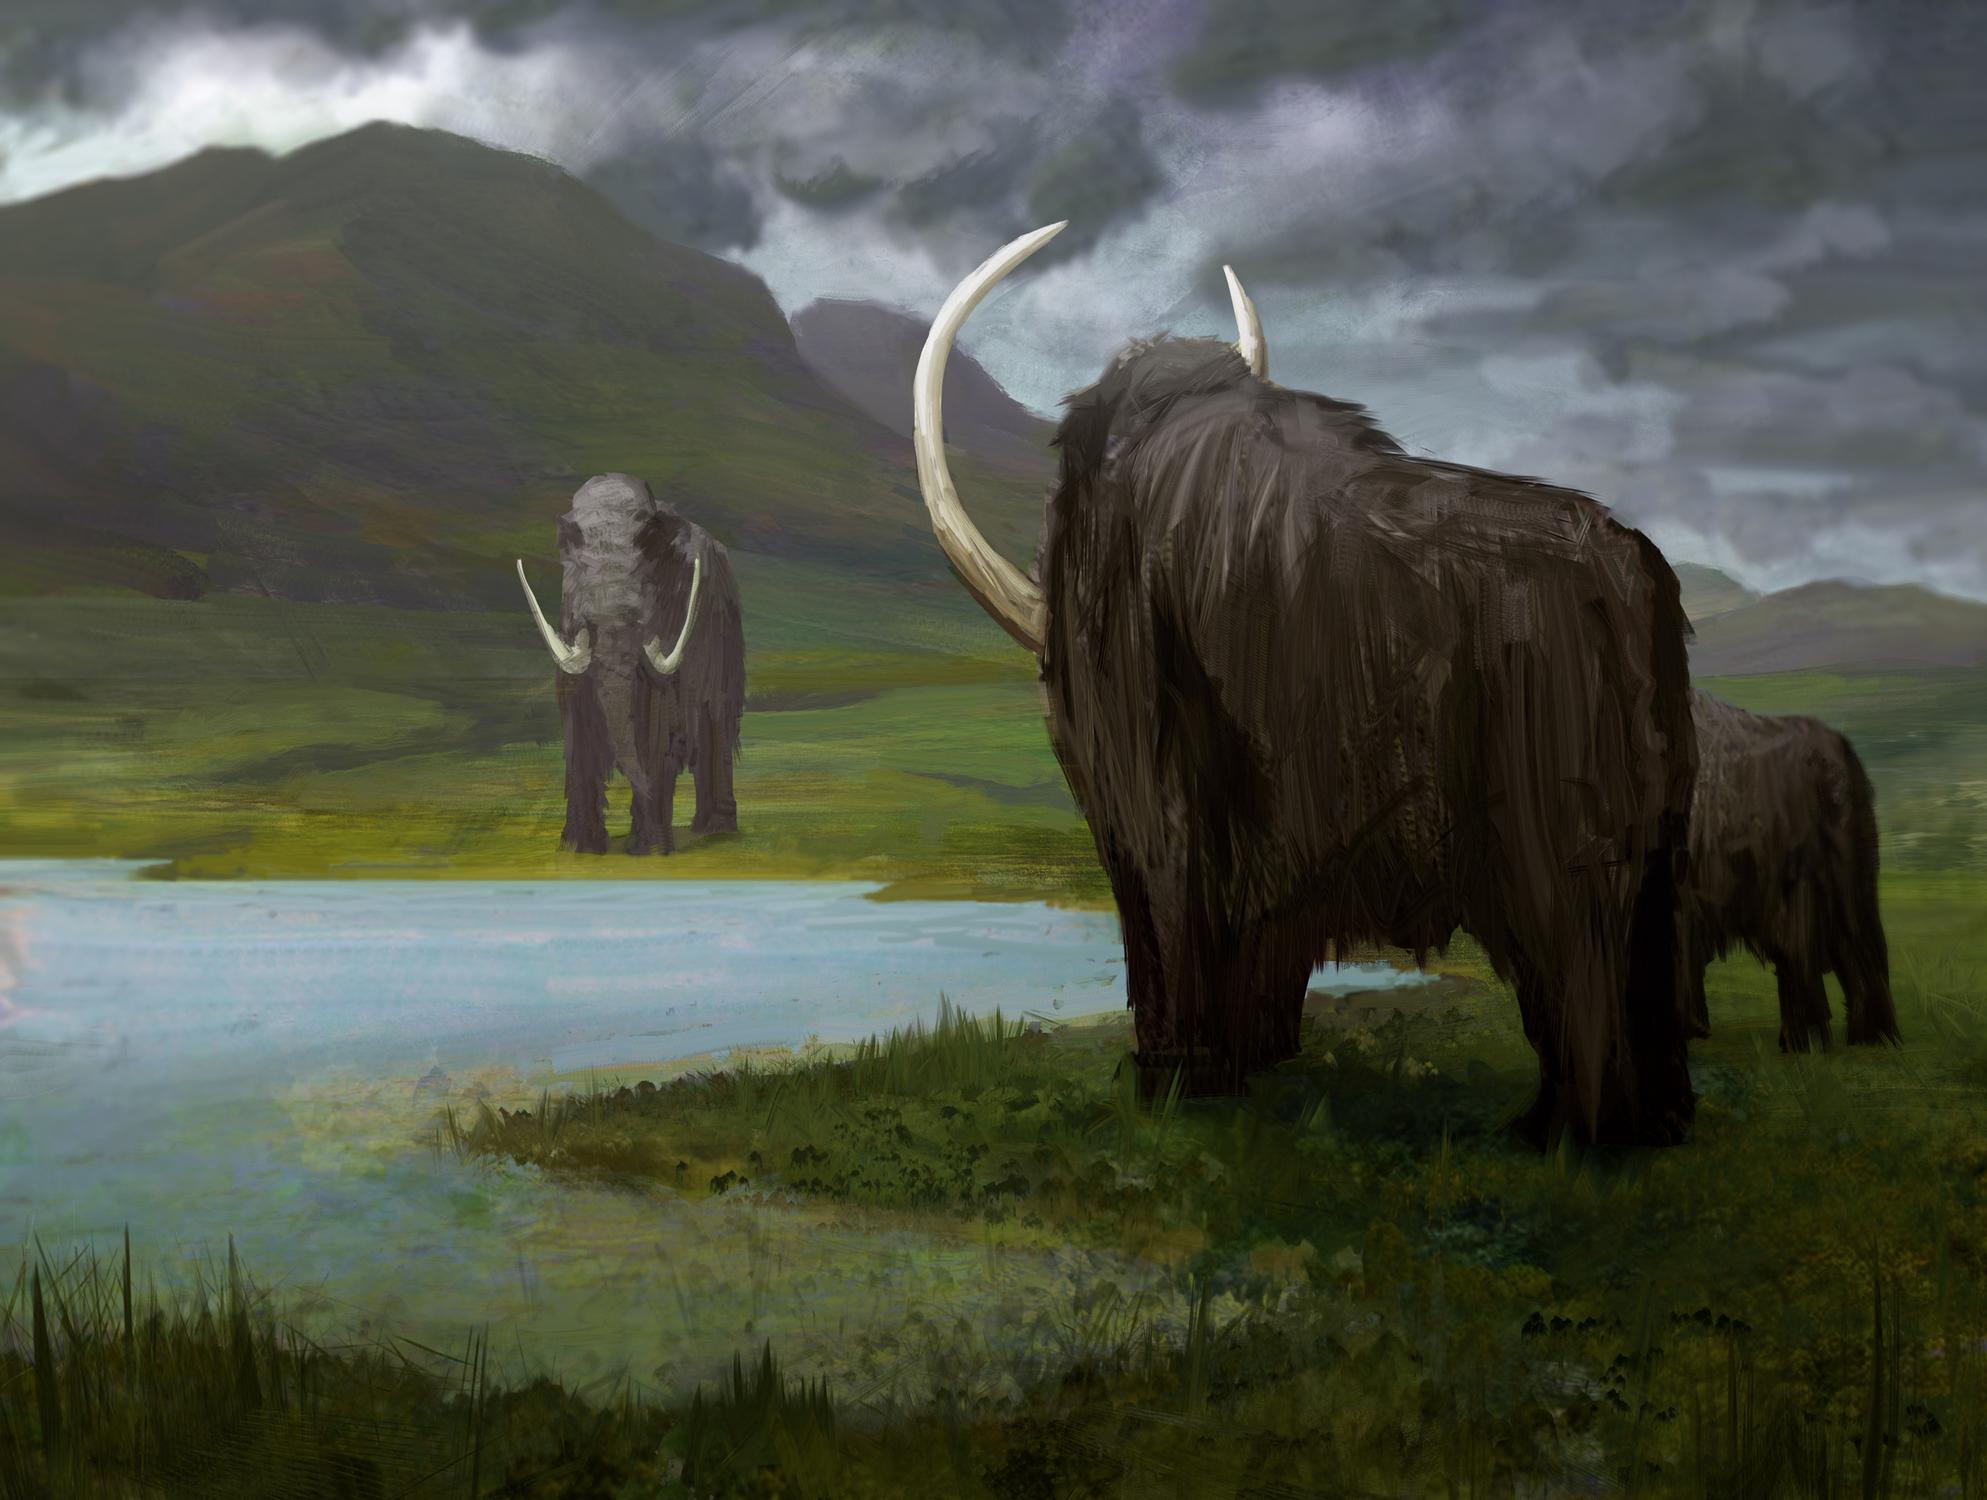 Mammoth's Rest Artwork by Bruno Galuzzi Corsini